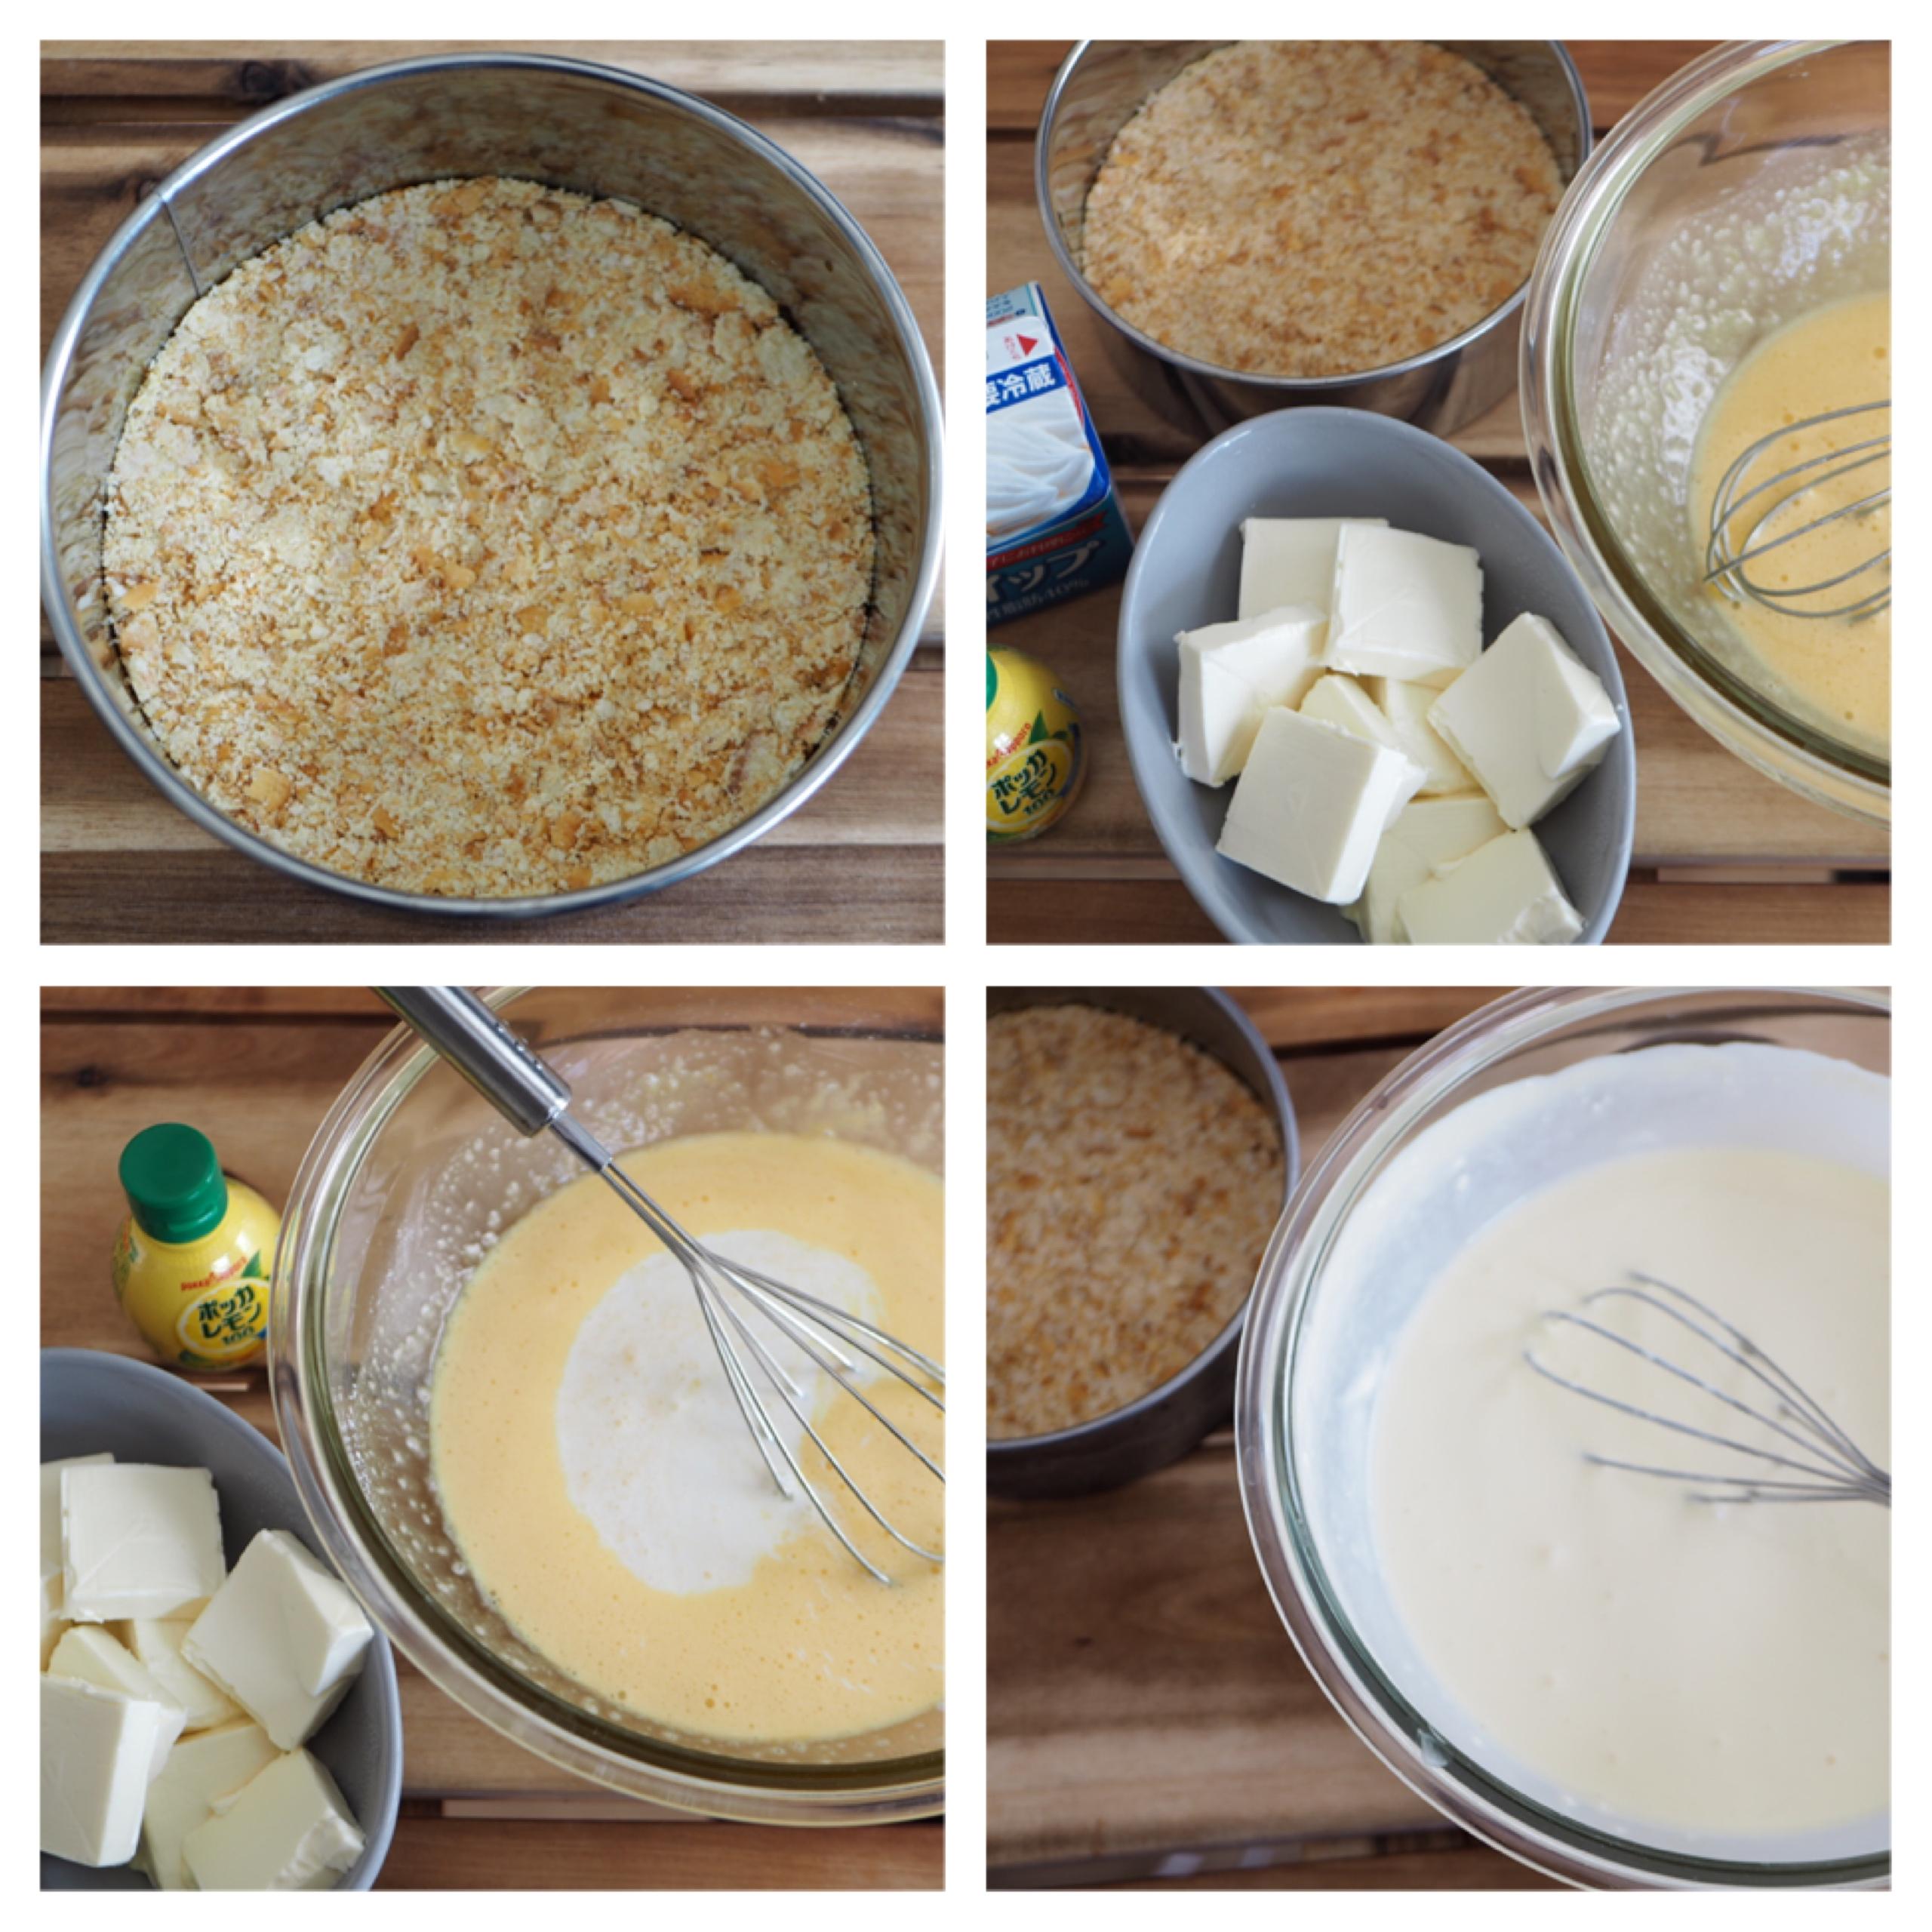 材料混ぜて焼くだけ!本格的な味わい♡【手作りベイクドチーズケーキ】のおすすめレシピ♡_4